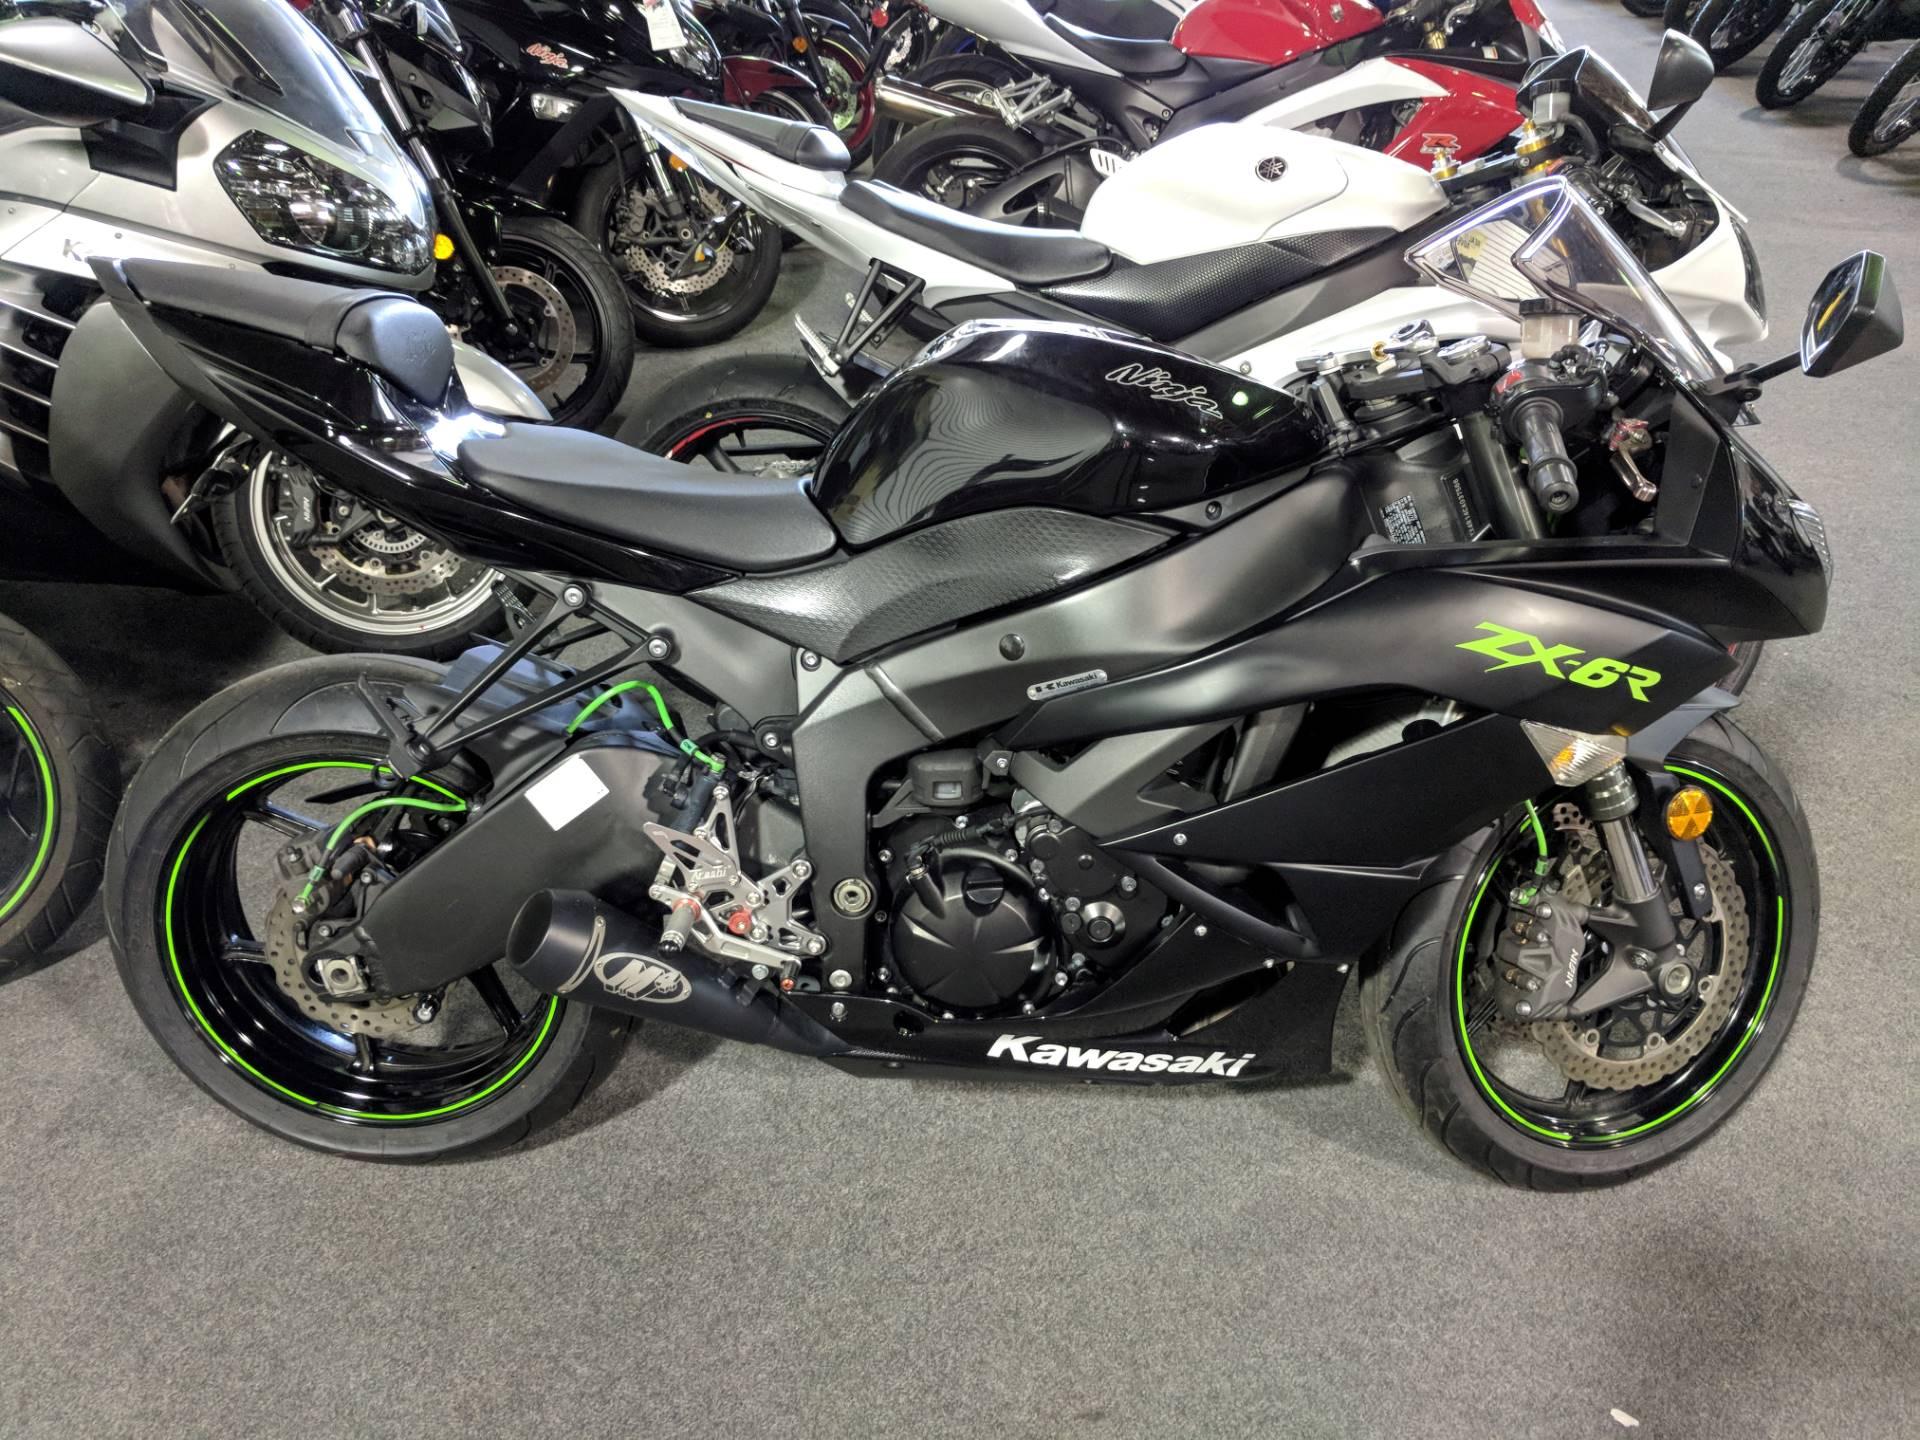 2012 Kawasaki Ninja ZX-6R 1